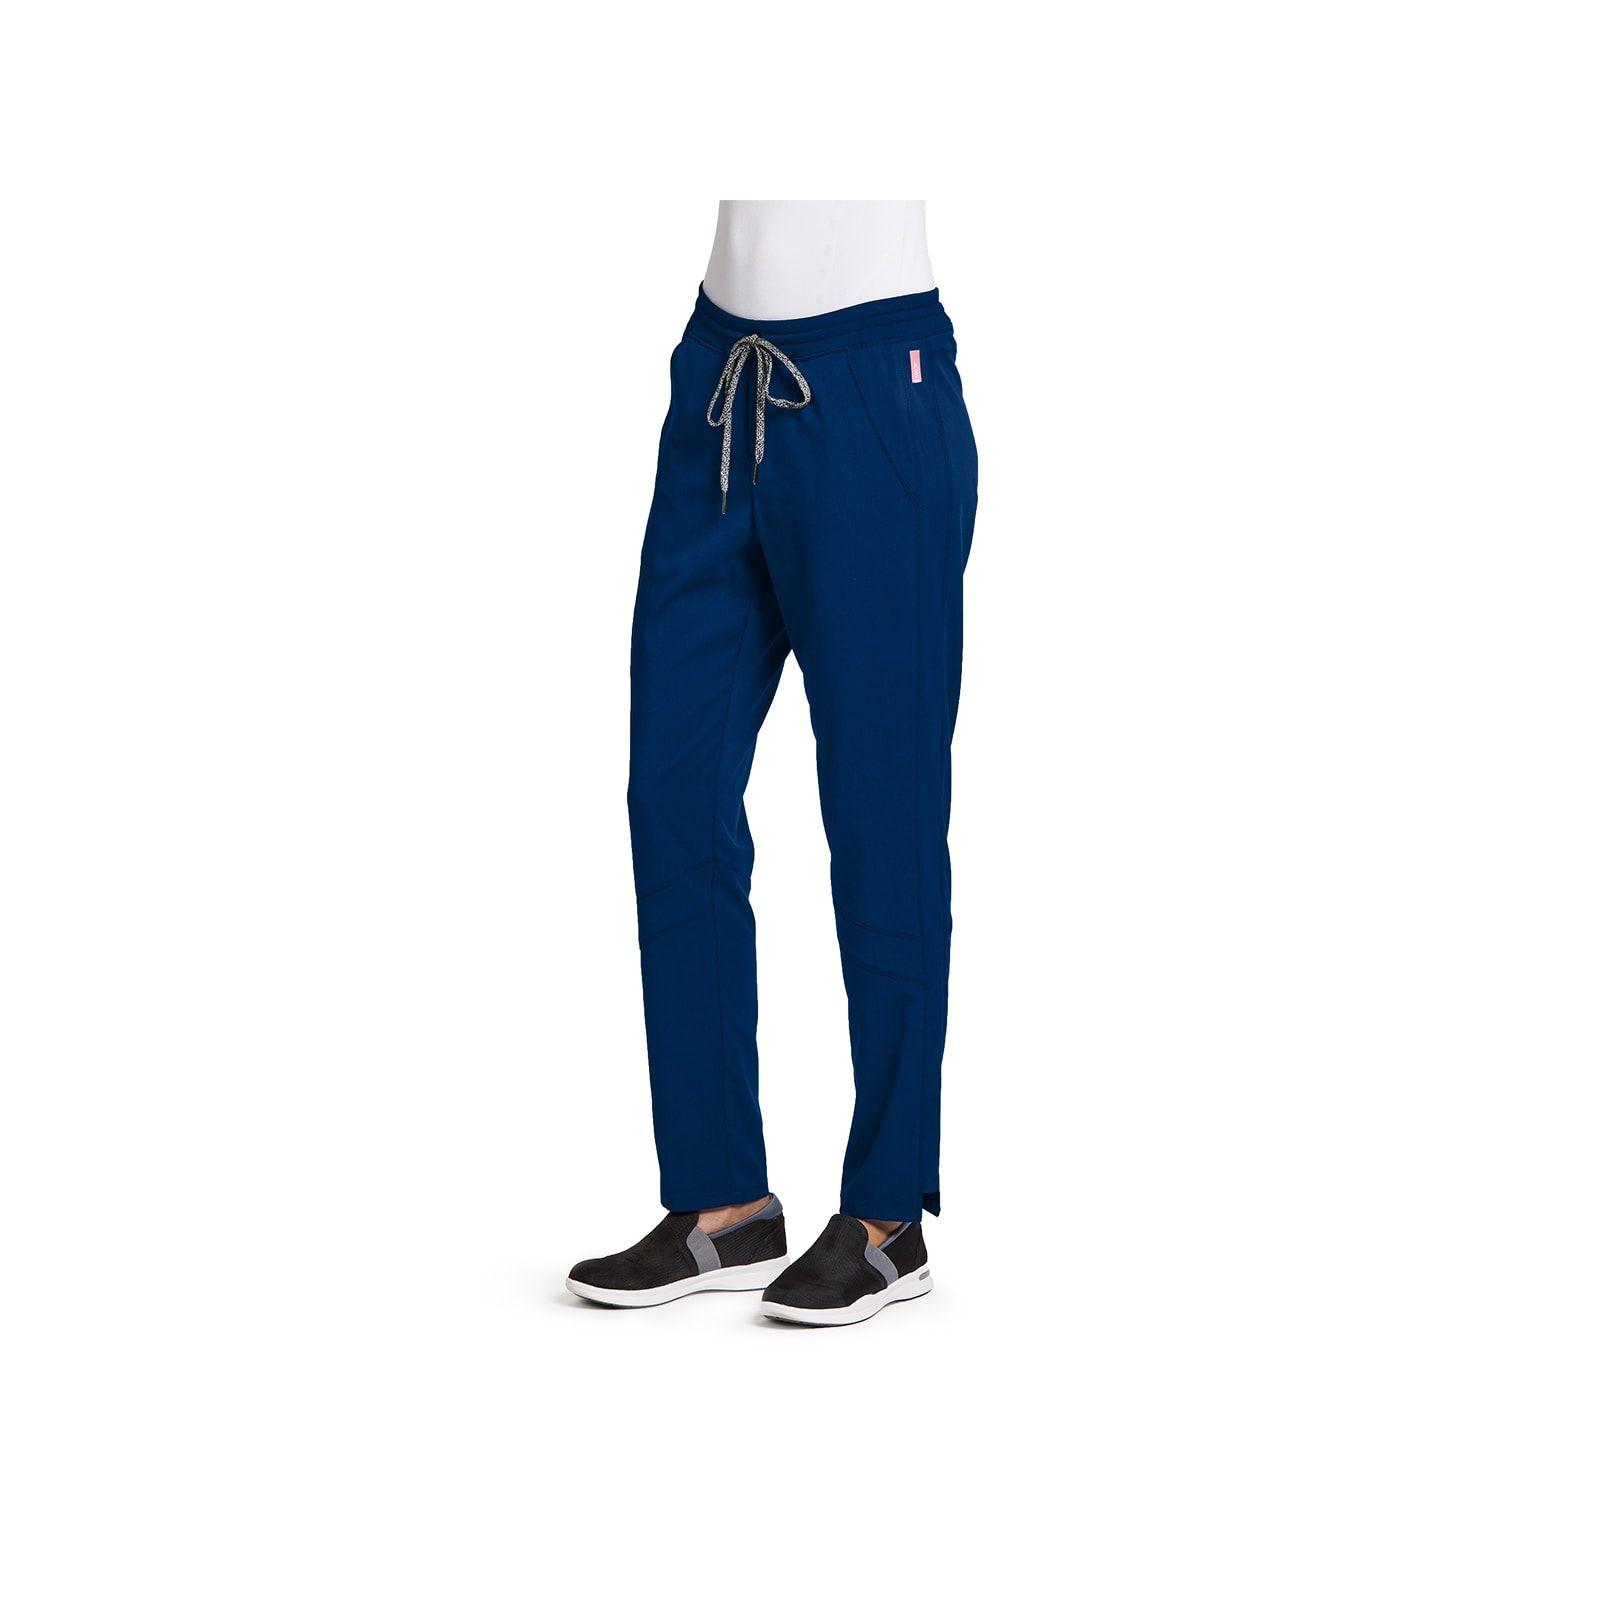 """Pantalon médical femme, couleur bleu marine vue de face, collection """"Grey's Anatomy Stretch"""" (GVSP509-)"""